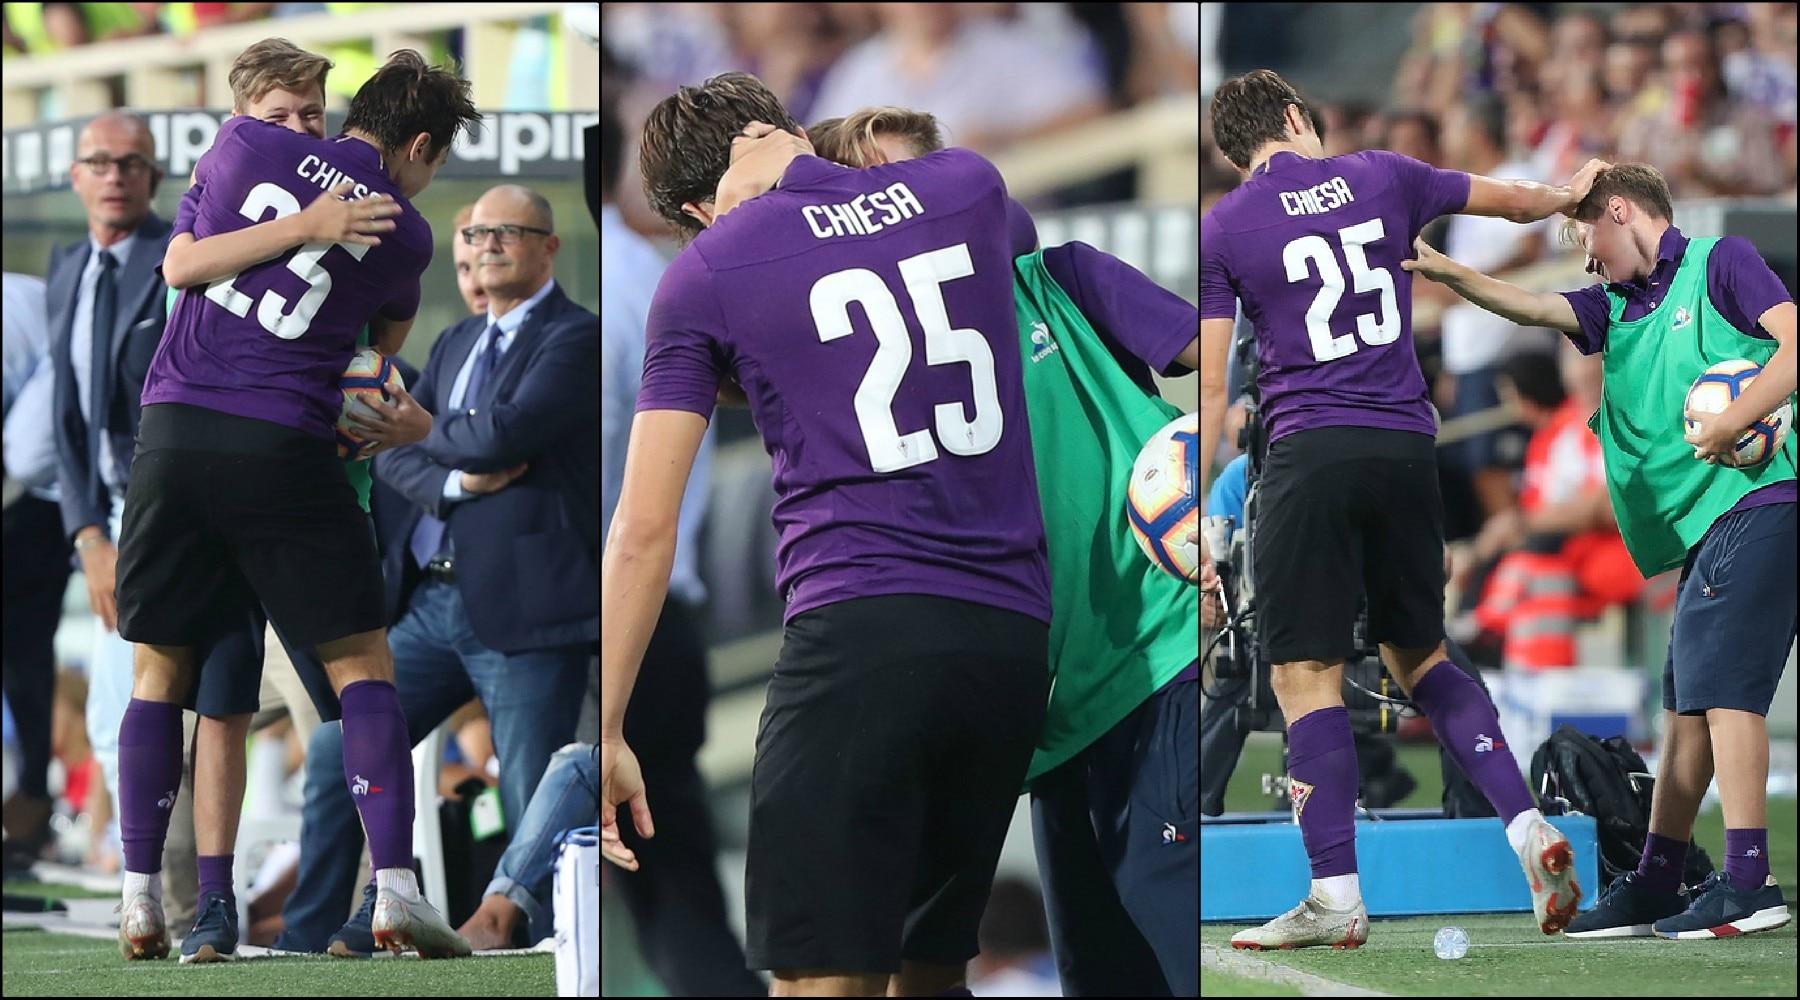 Fiorentina, Federico Chiesa segna e abbraccia il fratellino-raccattapalle